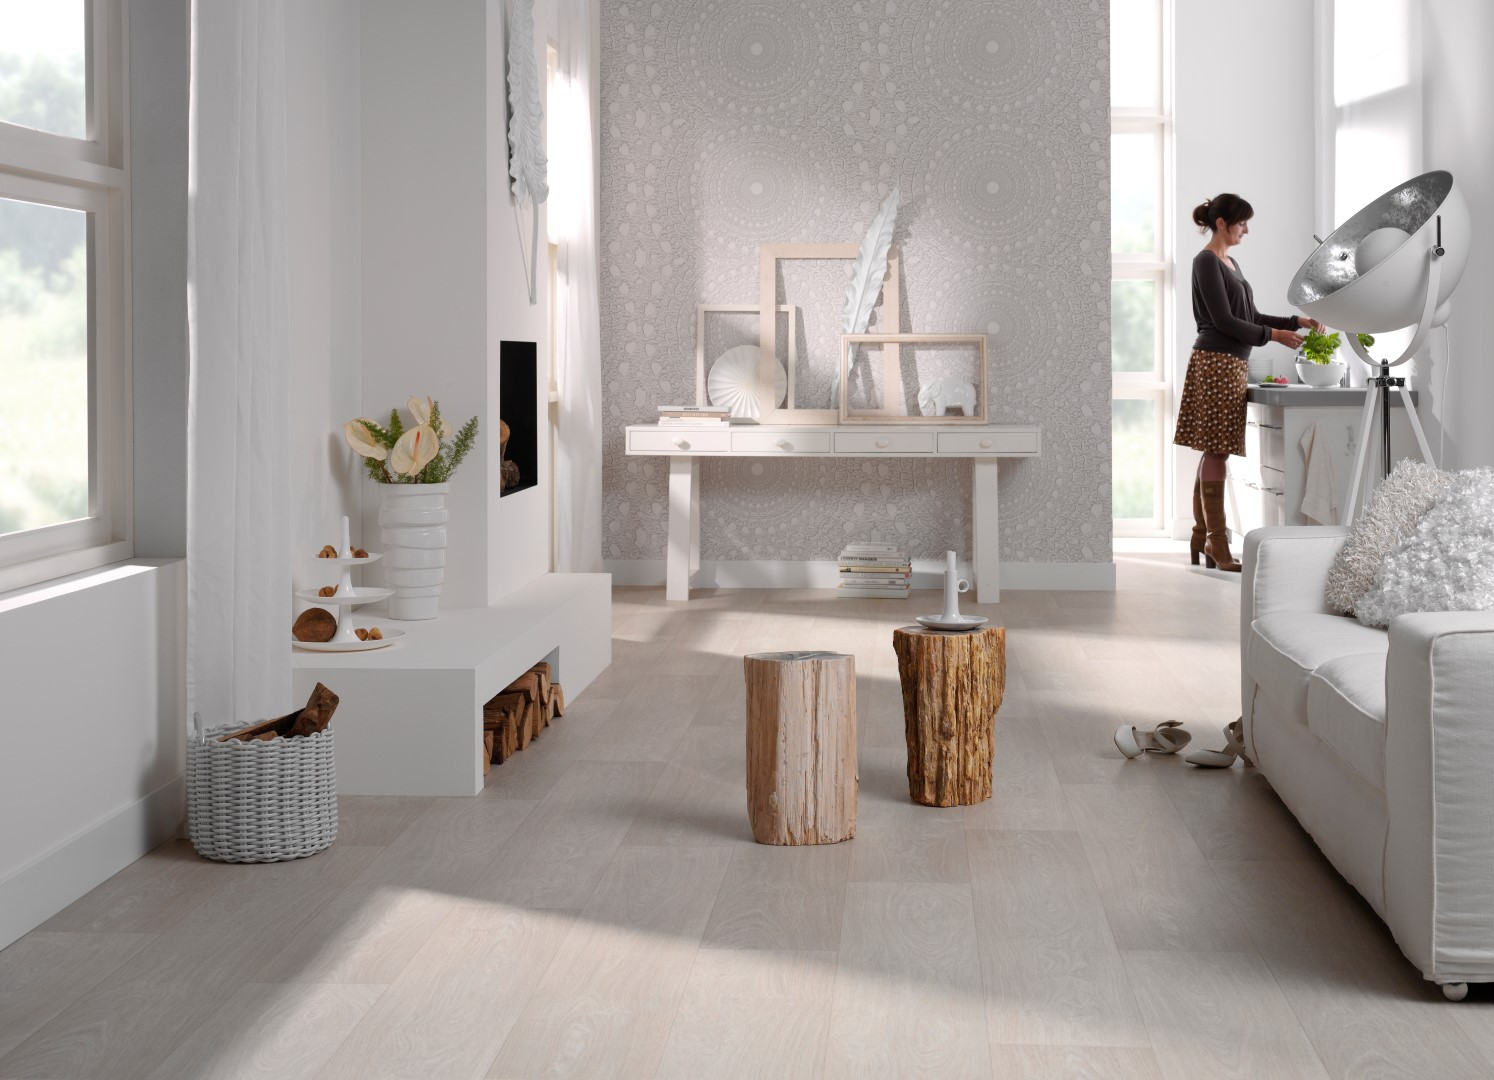 Novilon vt wonen betonlook. moderne keuken oude with novilon vt